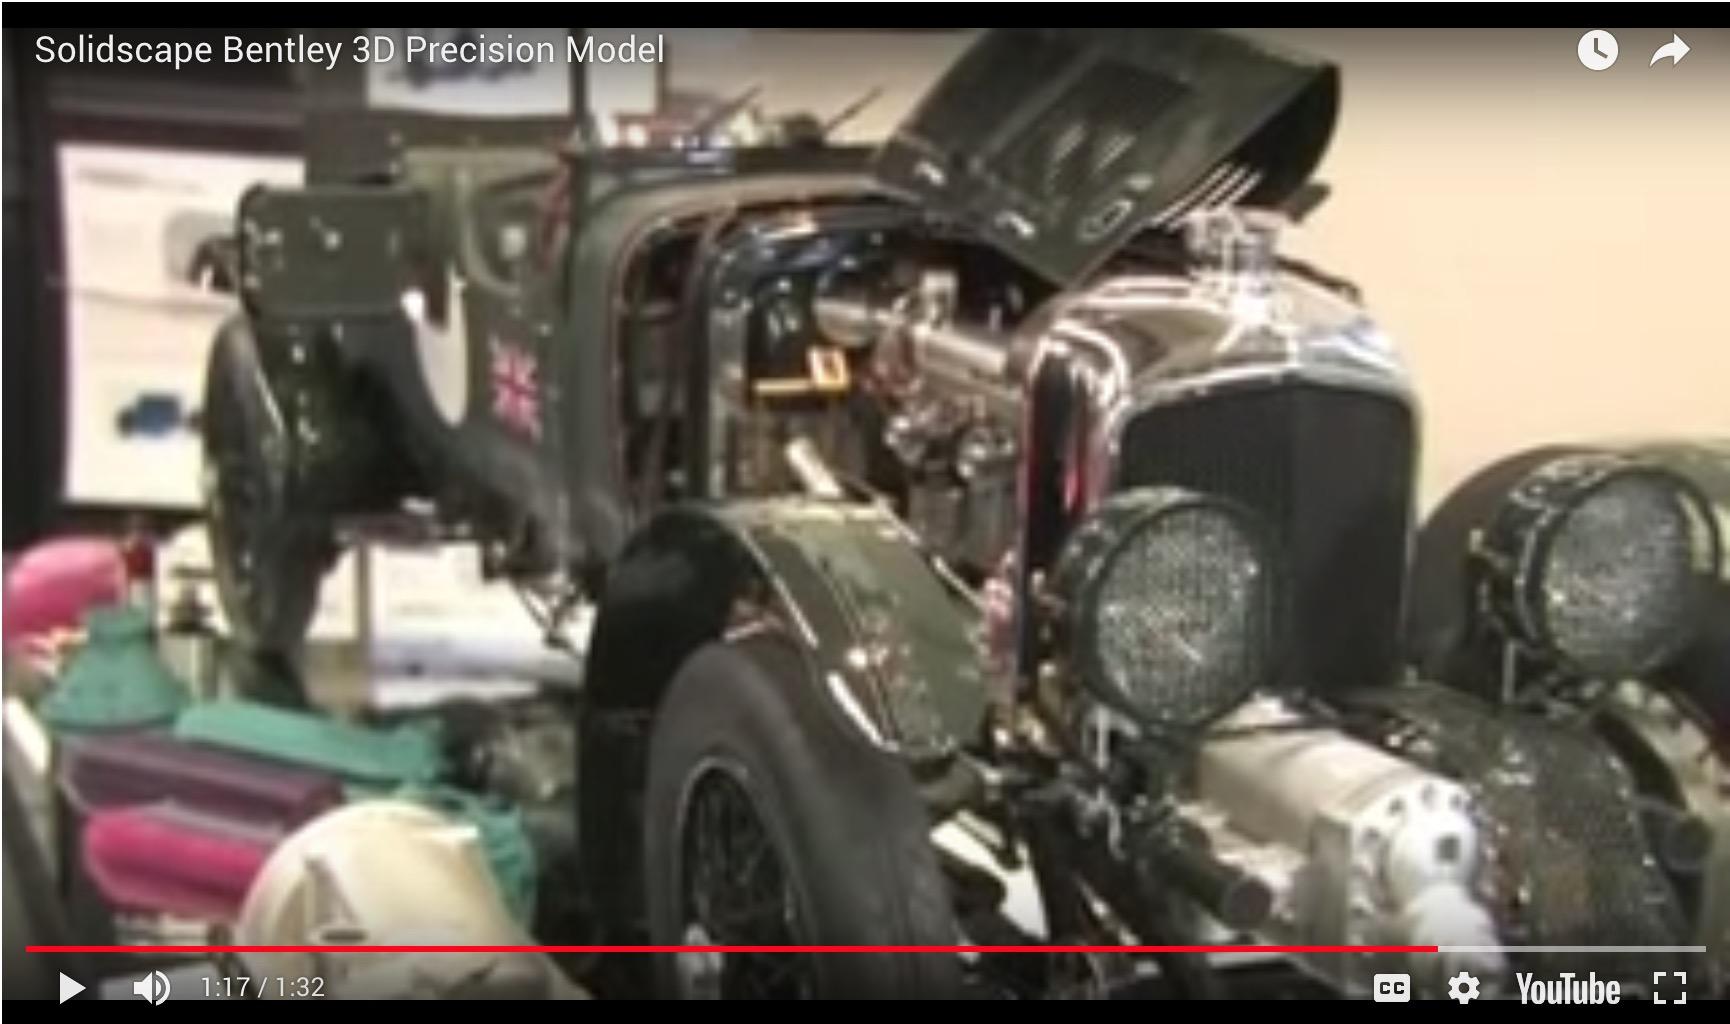 Solidscape Bentley 3D Precision Model